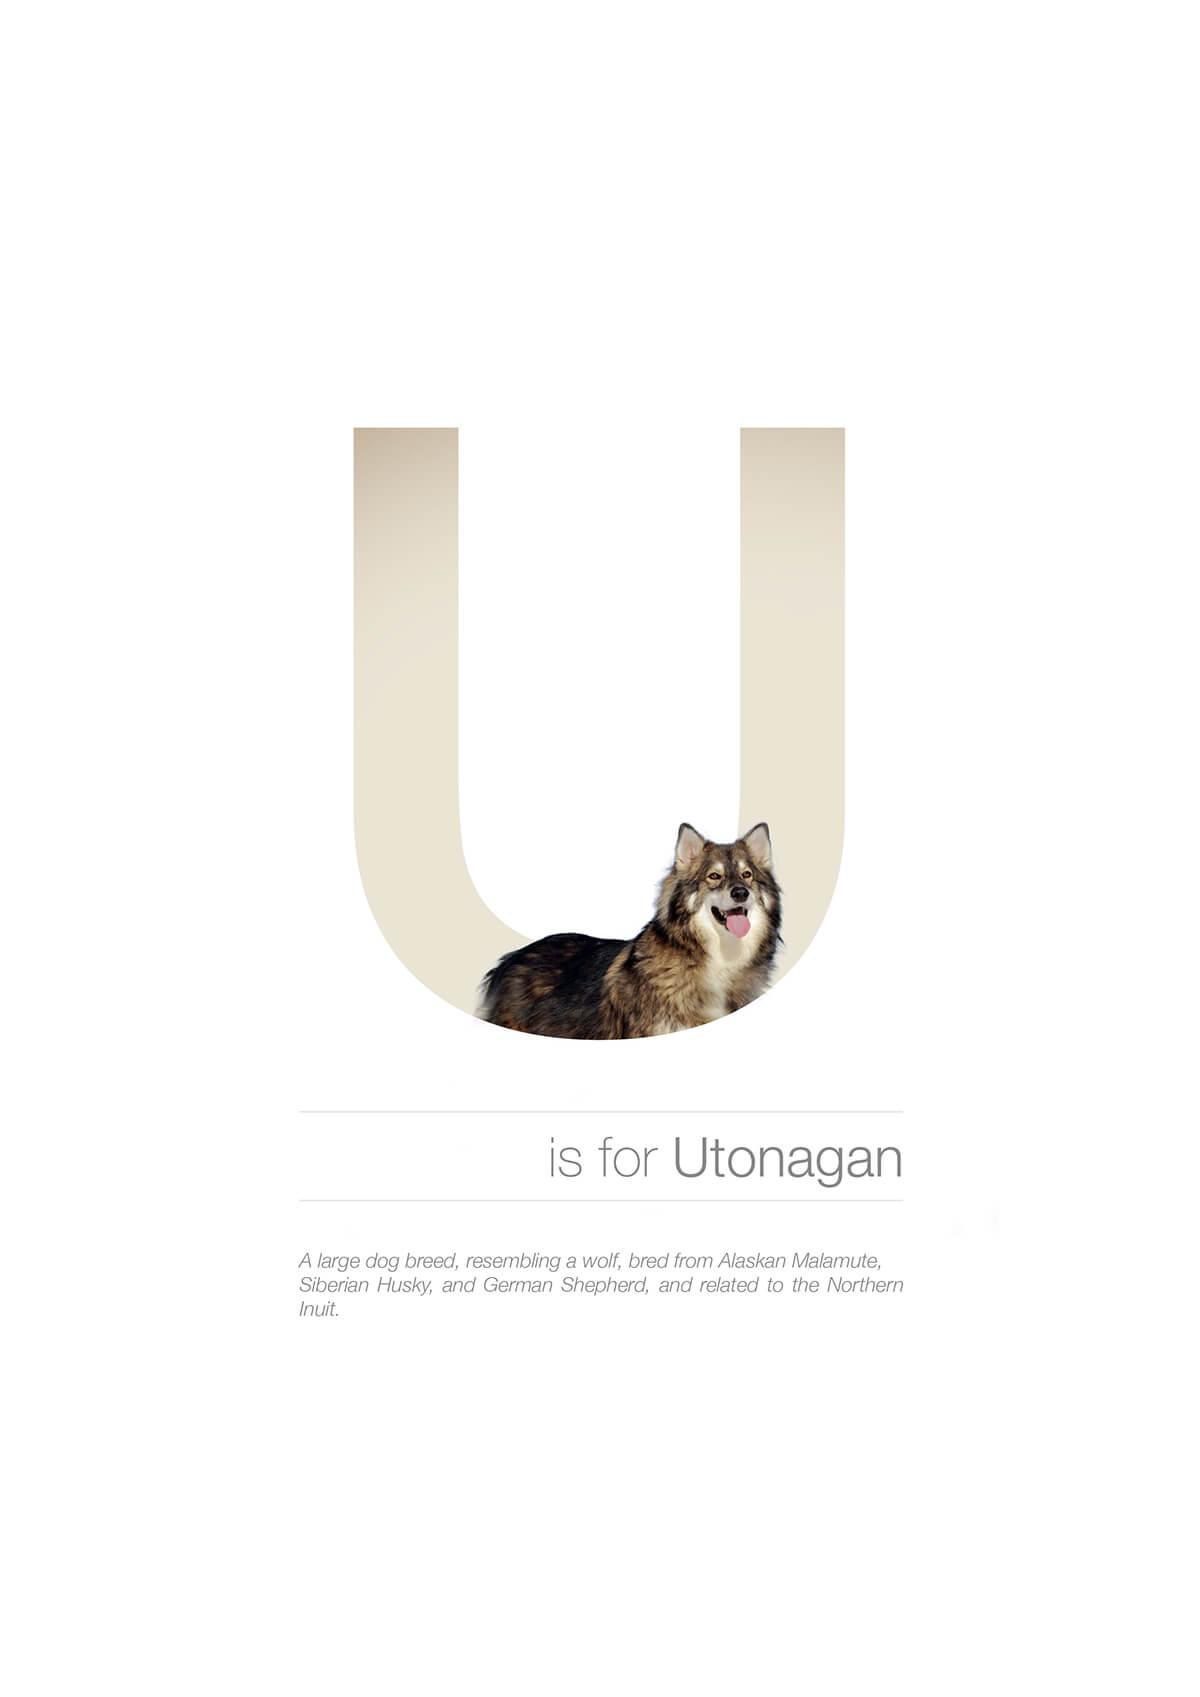 U ตัวอักษรกราฟฟิค A Z สายพันธุ์หมาไอเดียน่ารักจากดีไซน์เนอร์โรมาเนีย